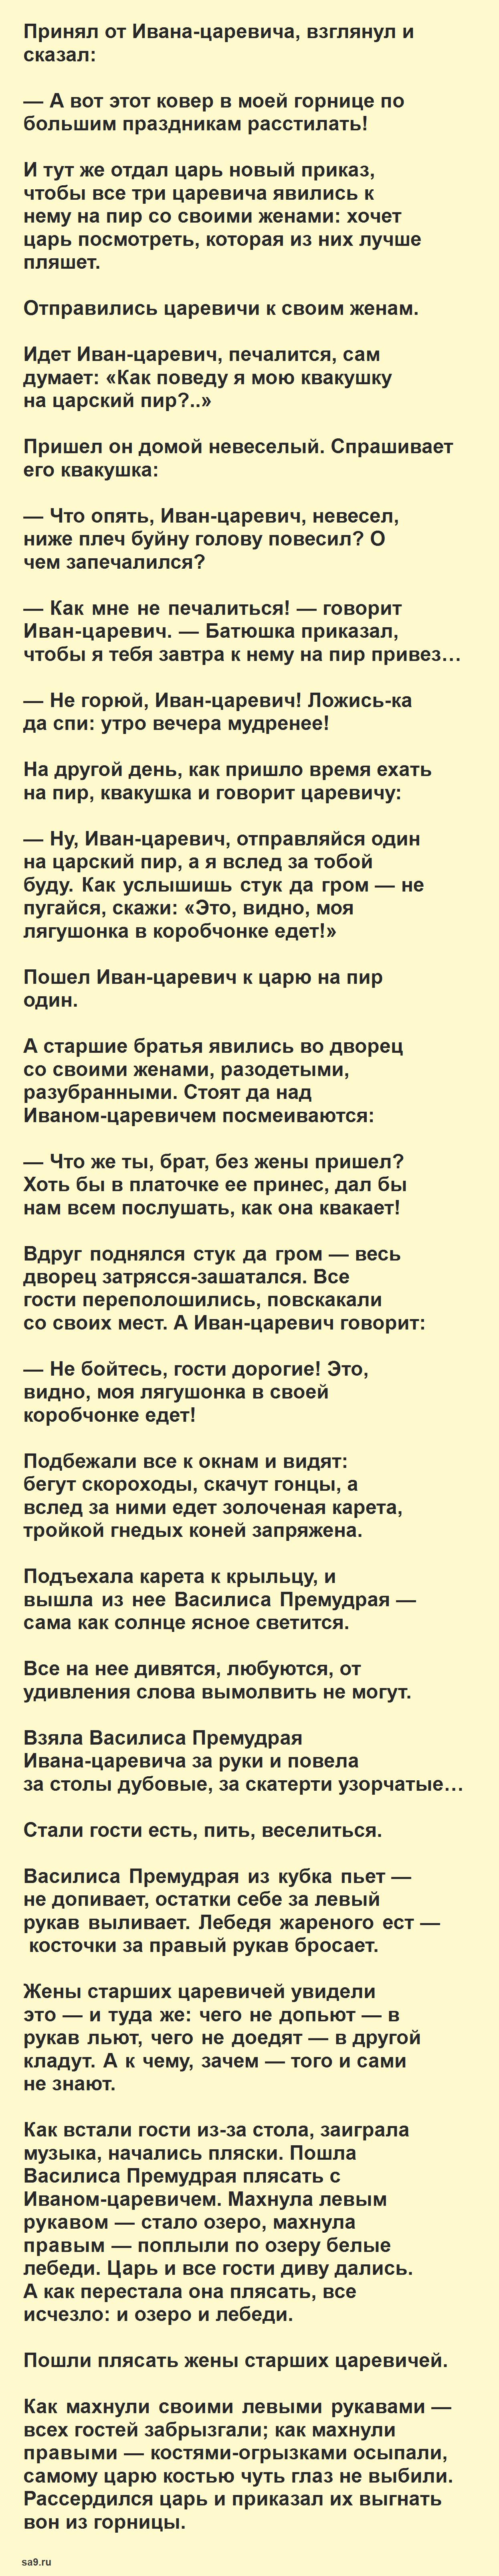 Читать русскую народную сказку - Царевна лягушка, для детей